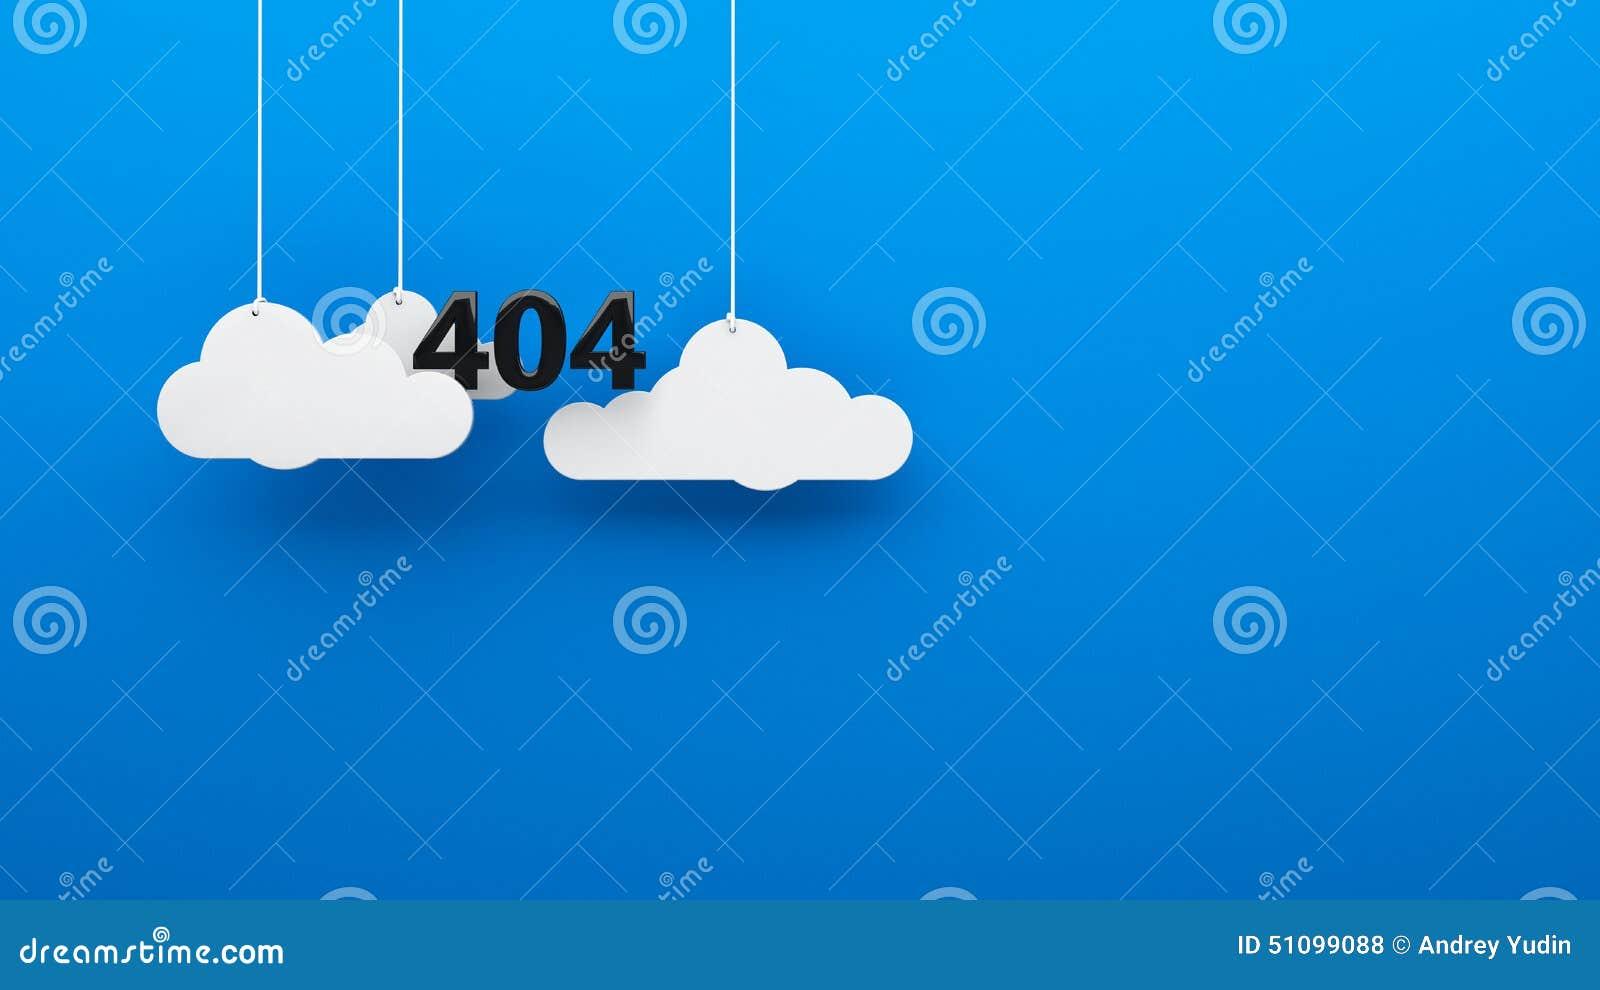 Background image 404 - 404 Background